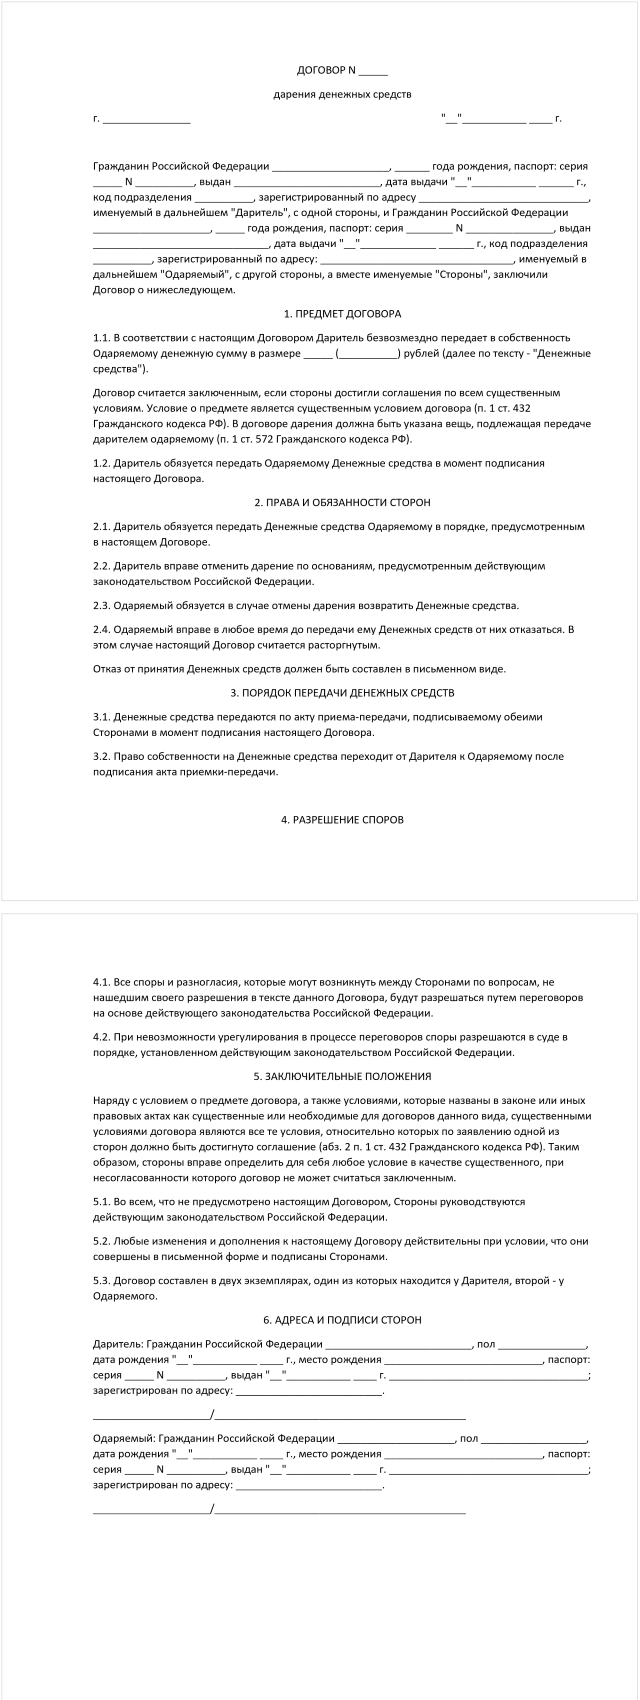 Договор дарения денежных средств между родственниками, образец